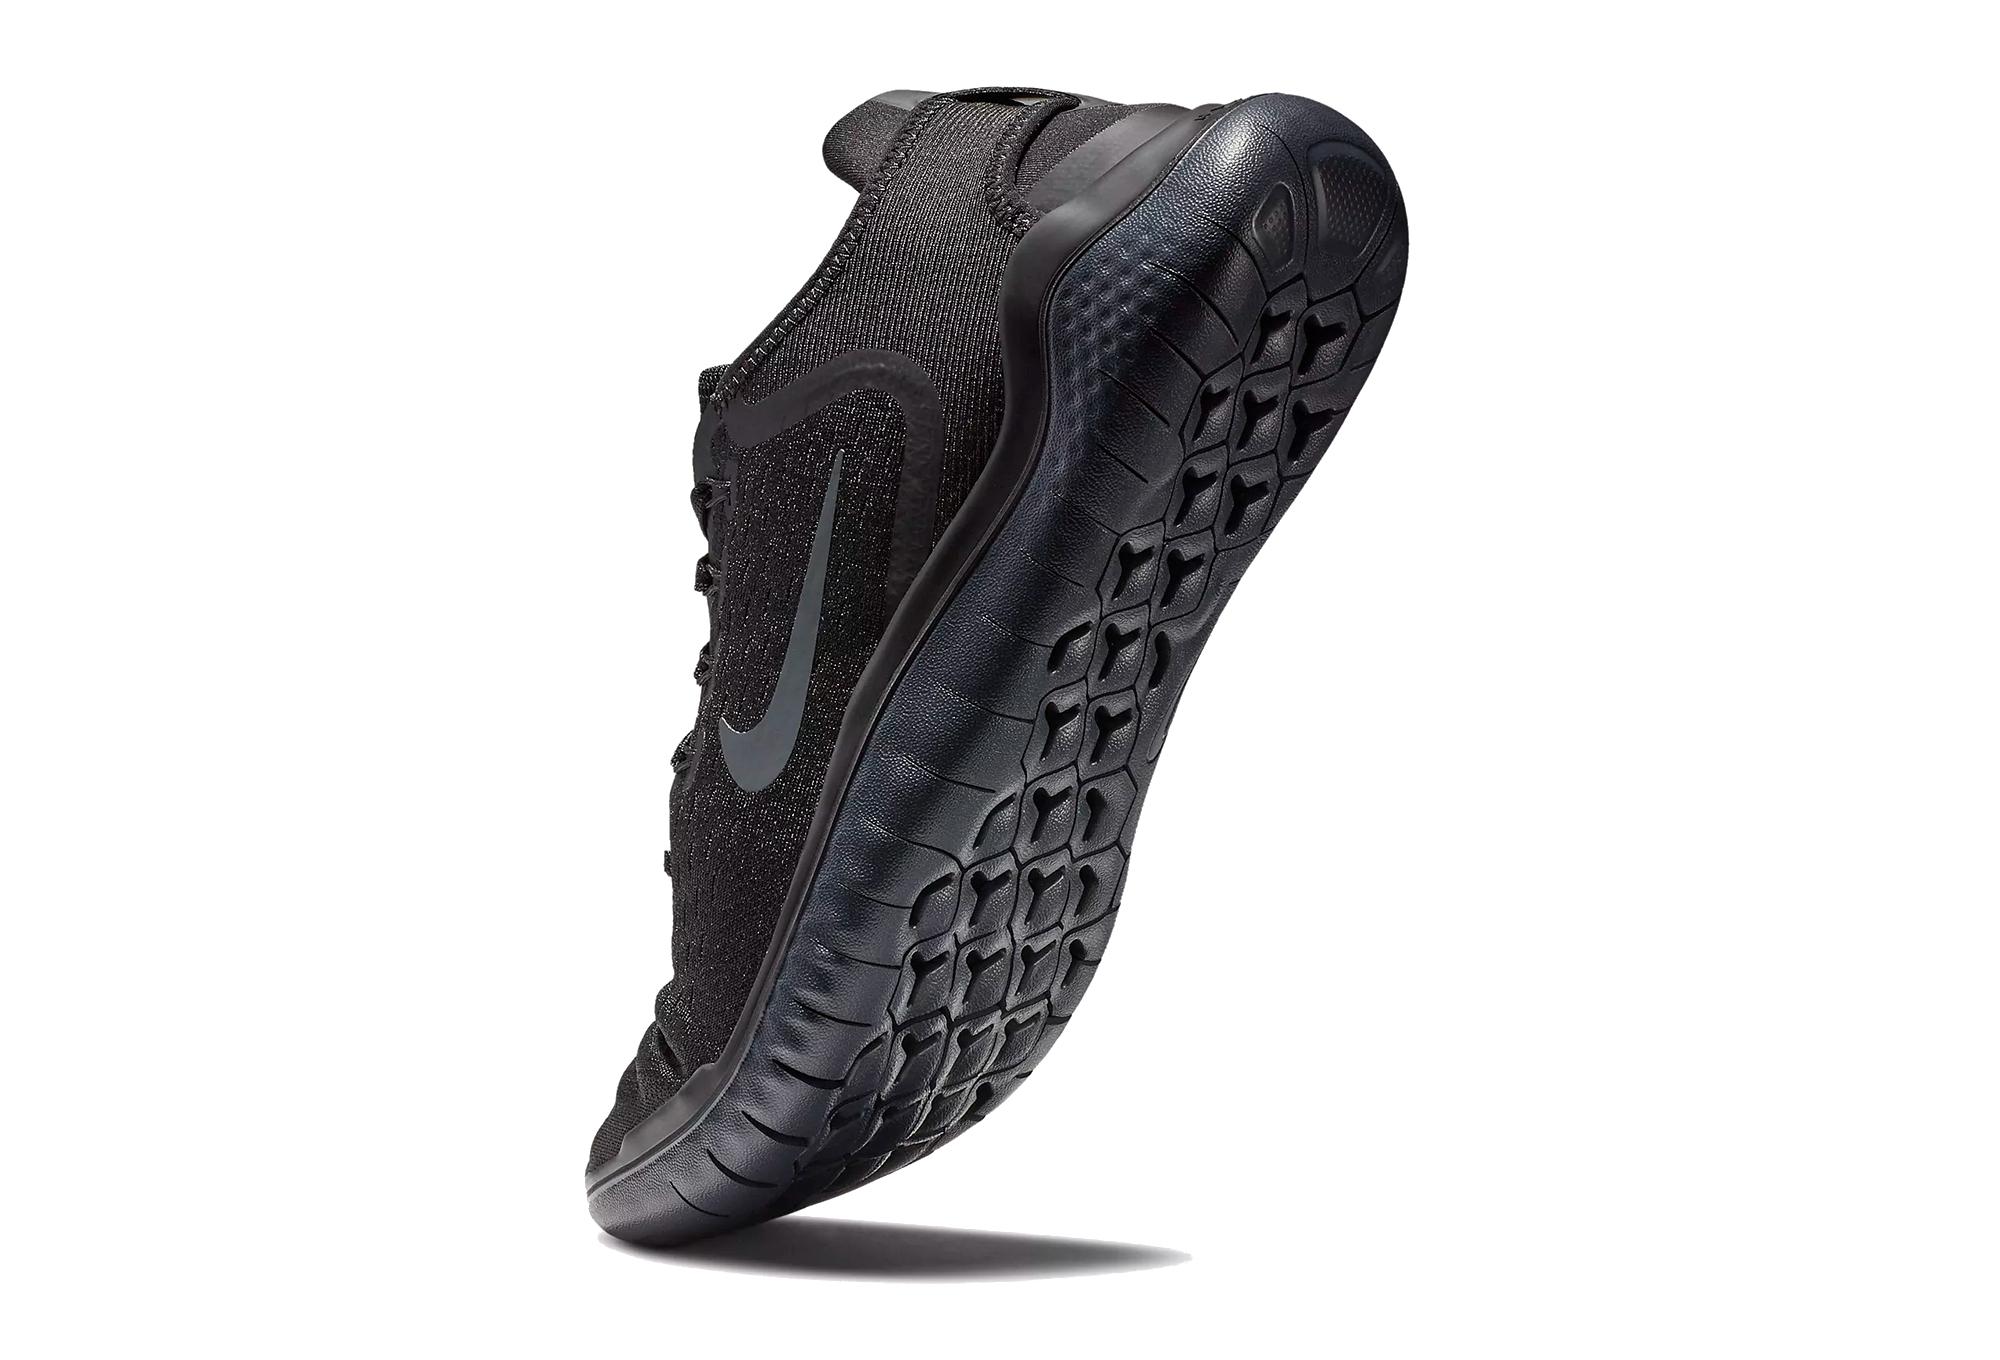 size 40 46d09 29052 Nike Shoes Free RN 2018 Black Women